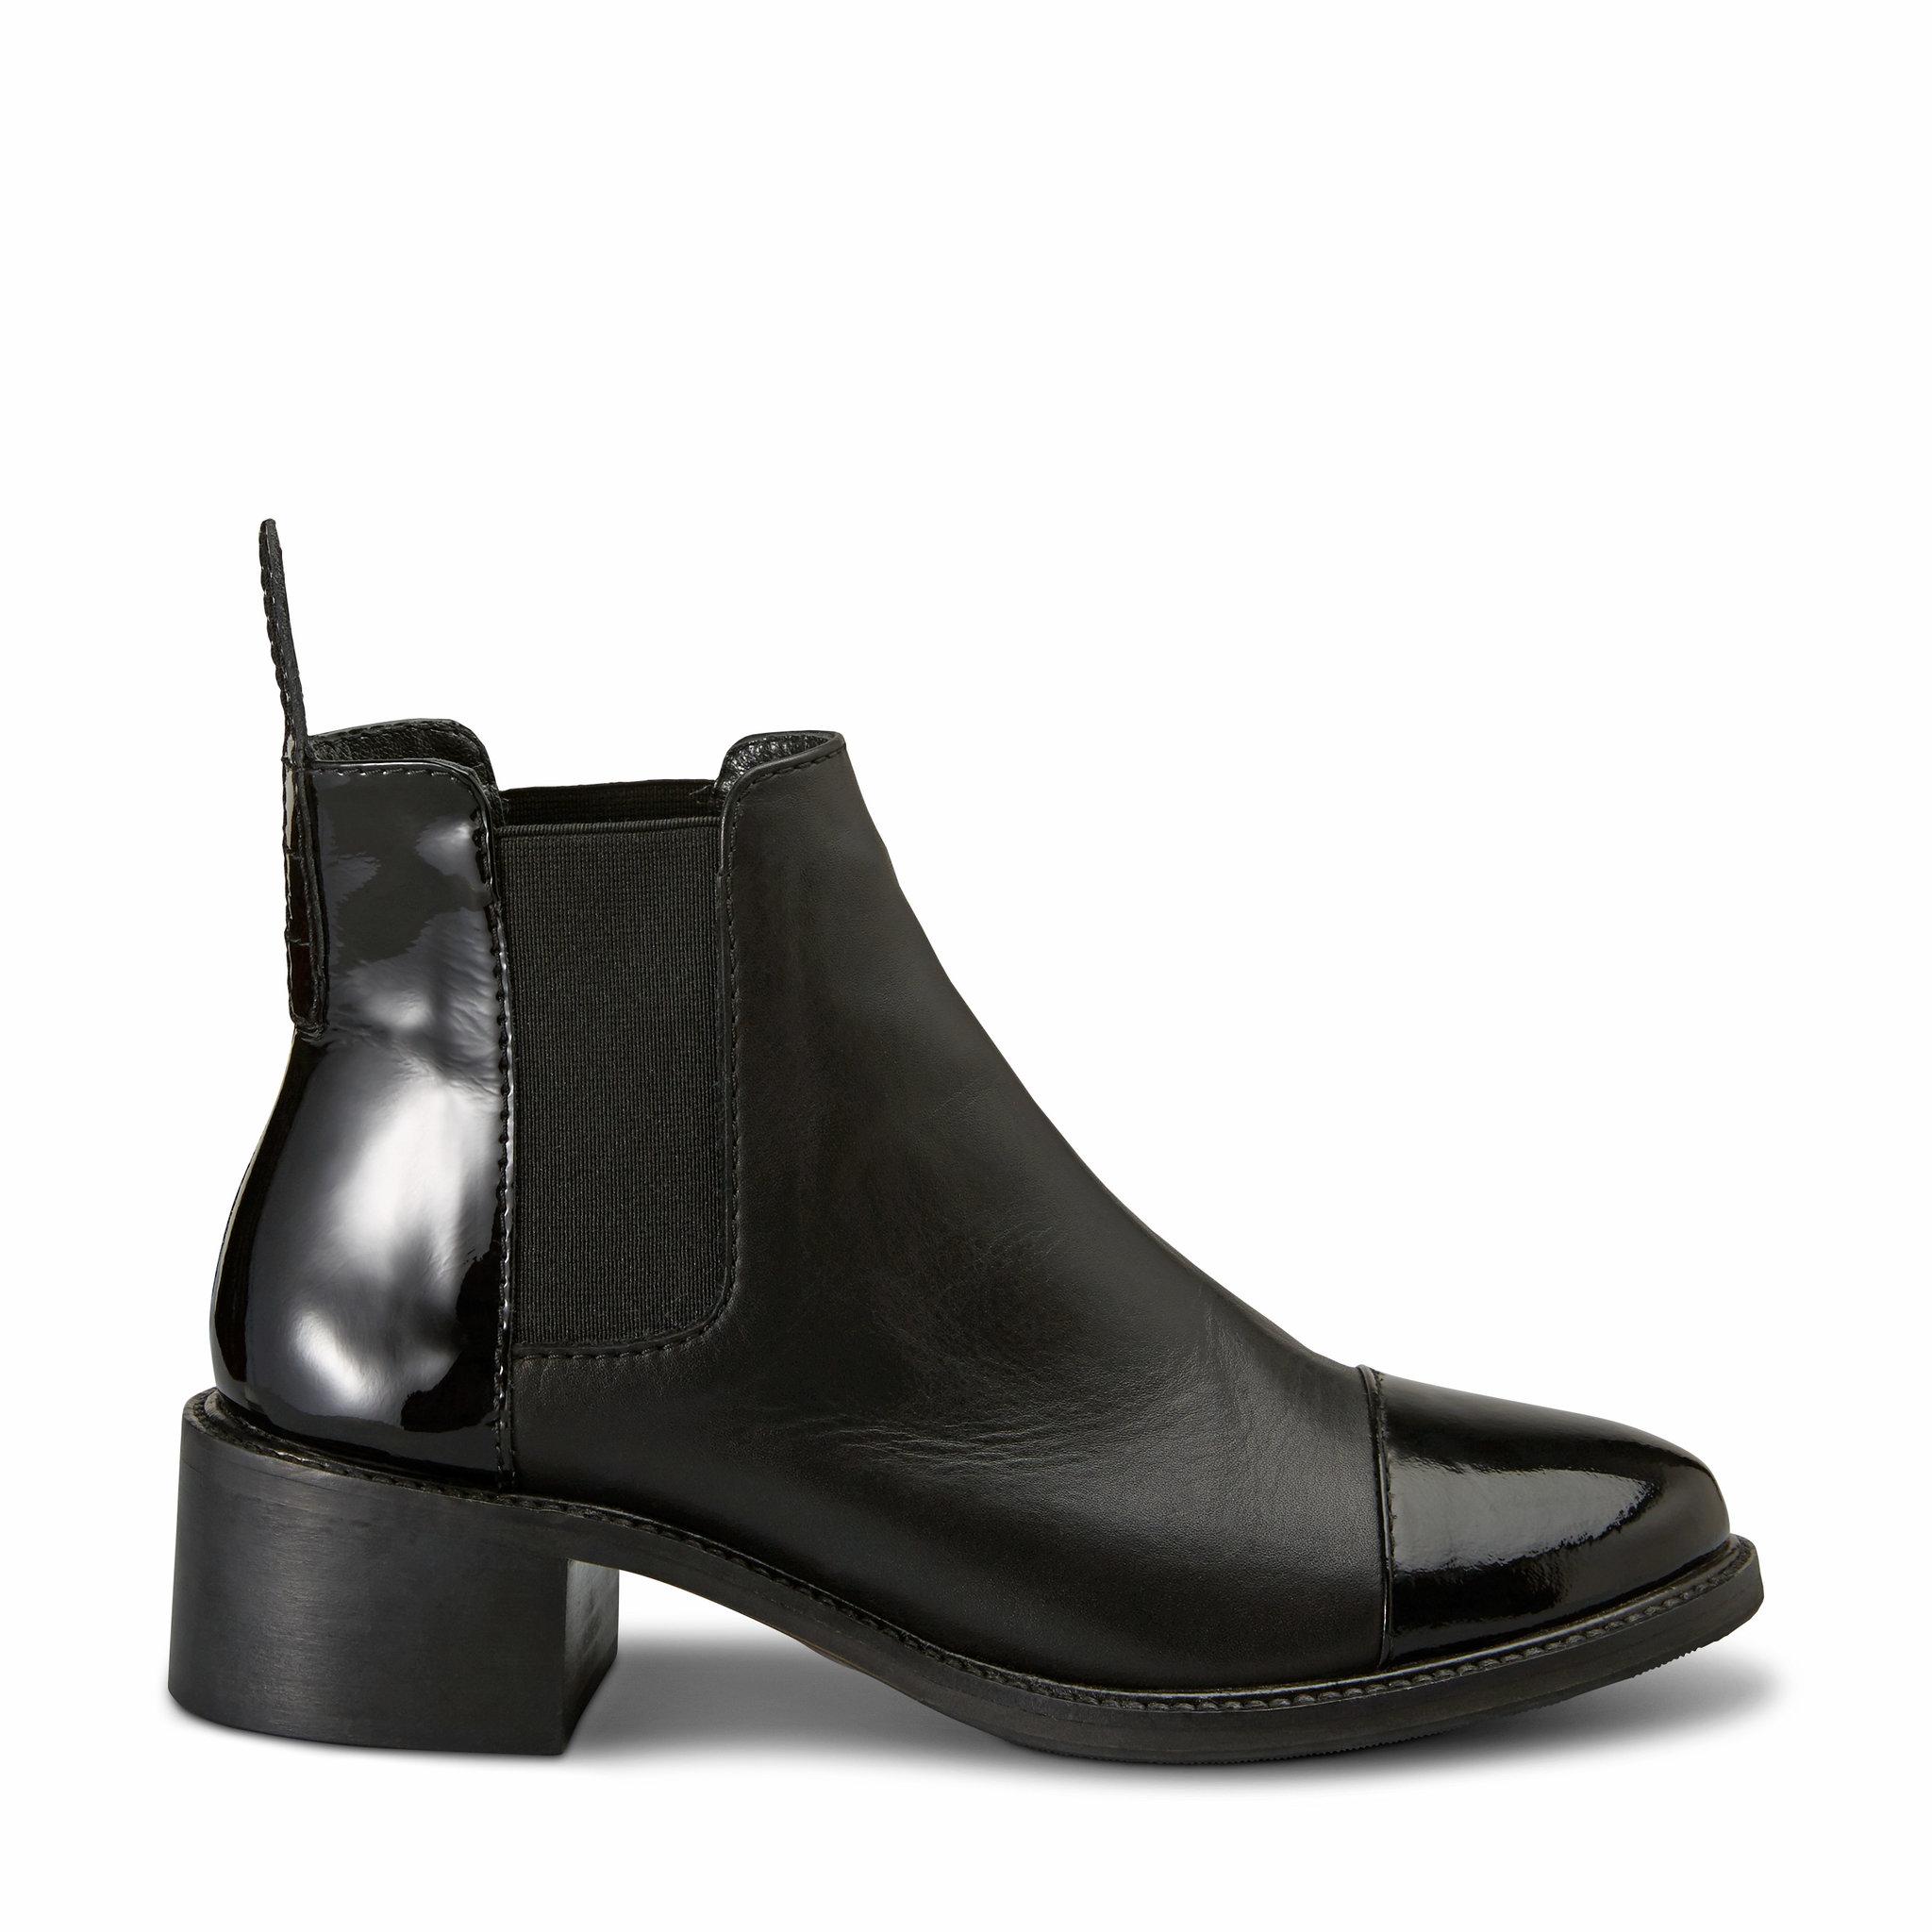 Boots Nova - Stövlar   boots - Köp online på åhlens.se! cbaf95c64d446